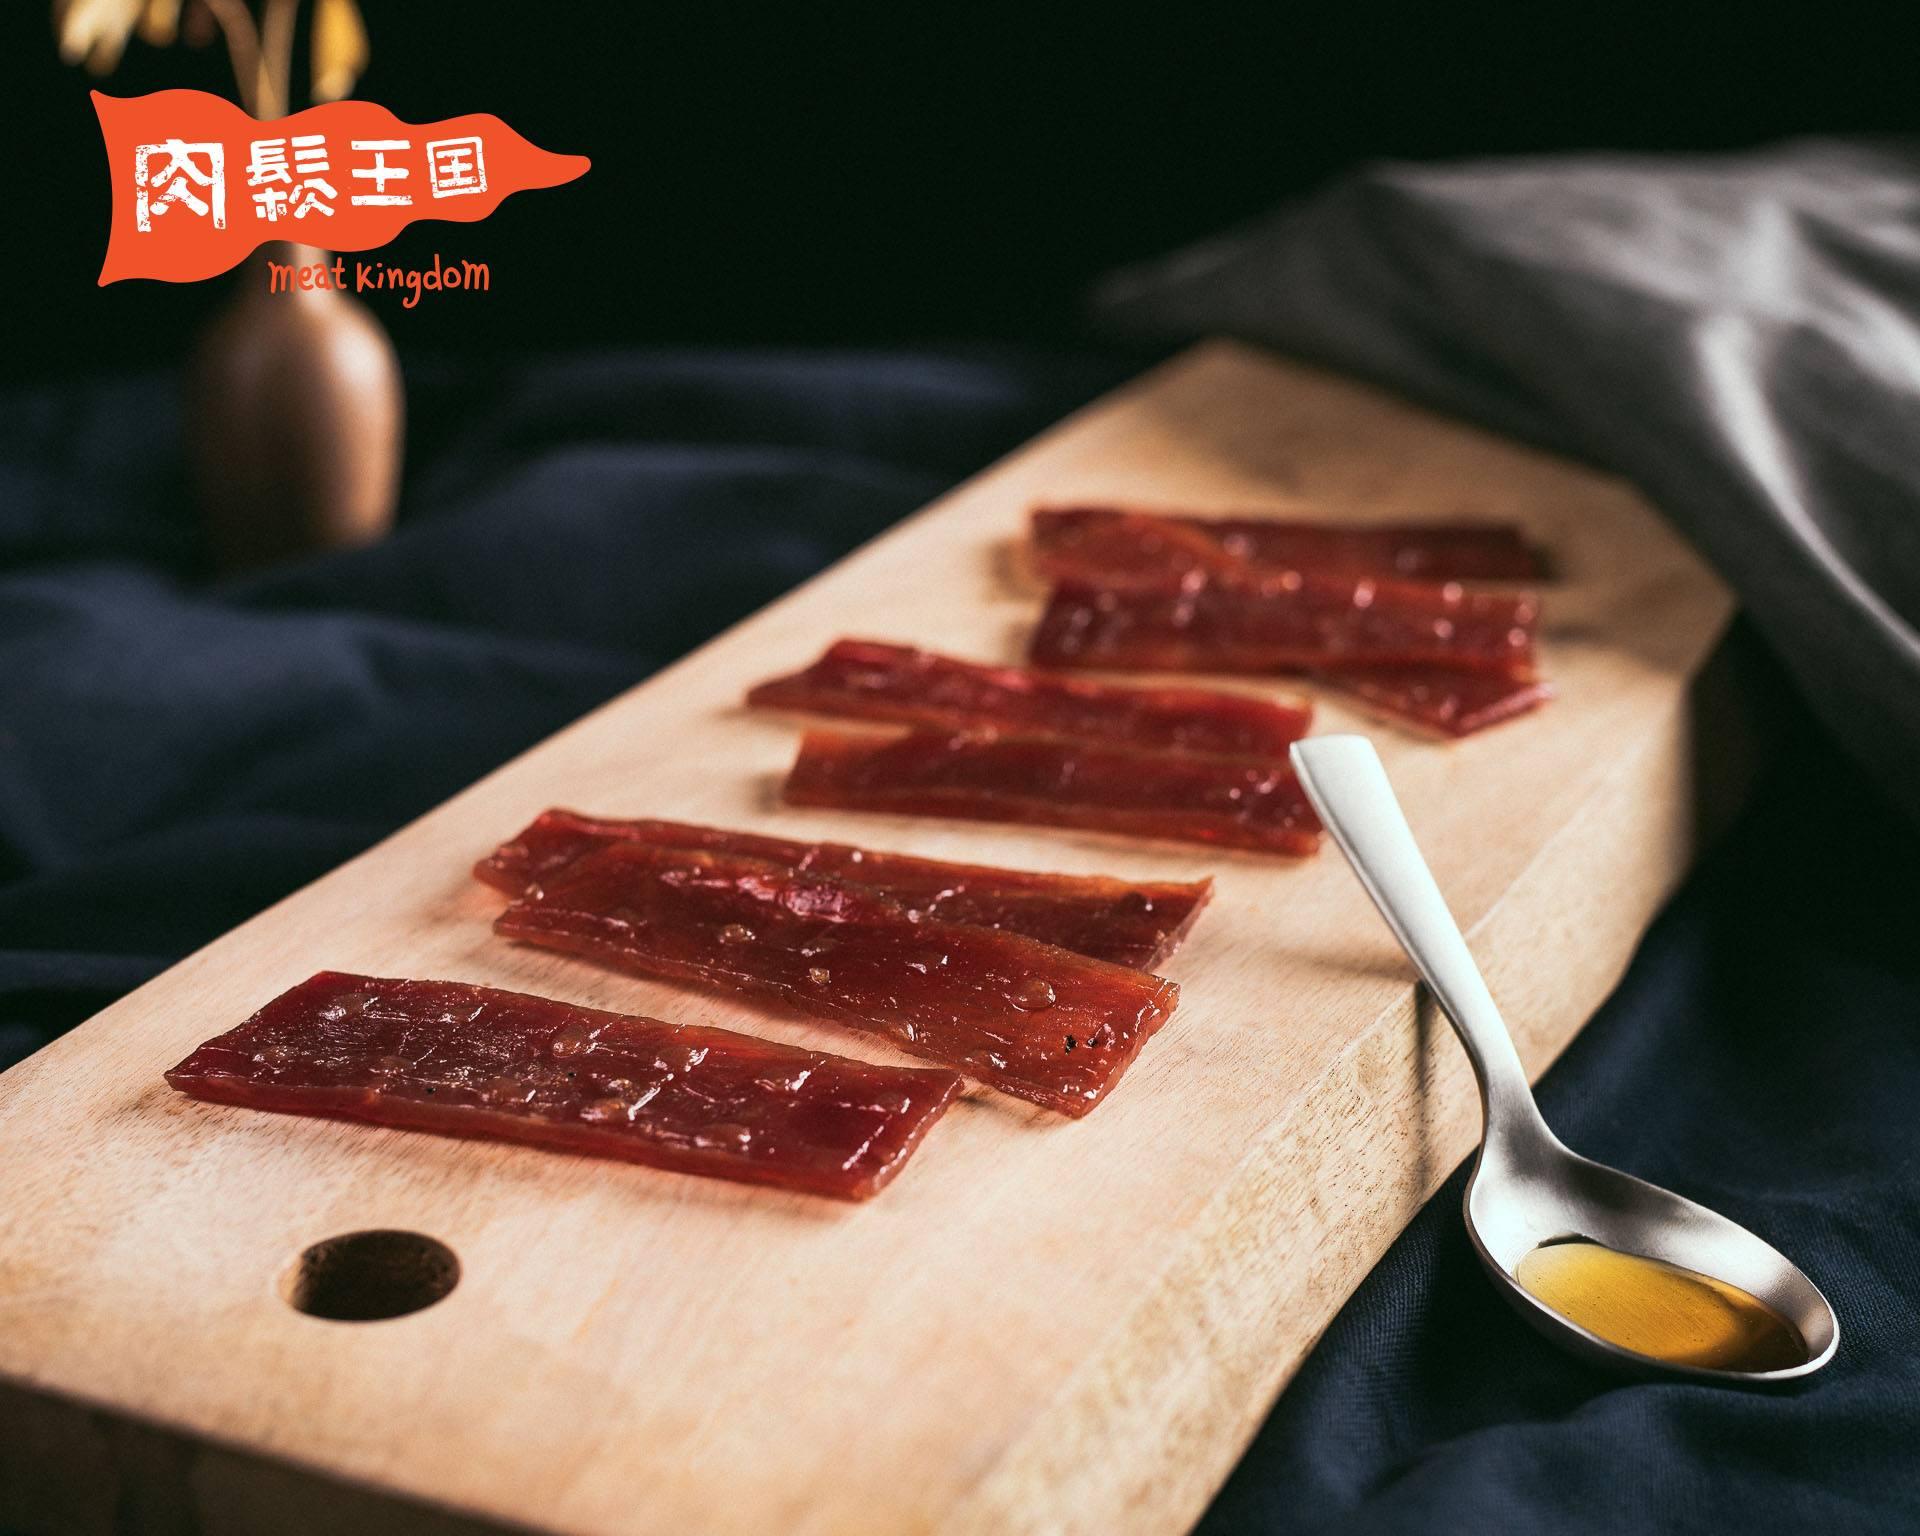 肉鬆王國 『蜜汁肉乾』?炙燒蜜汁?國王放鬆包 100g±10g